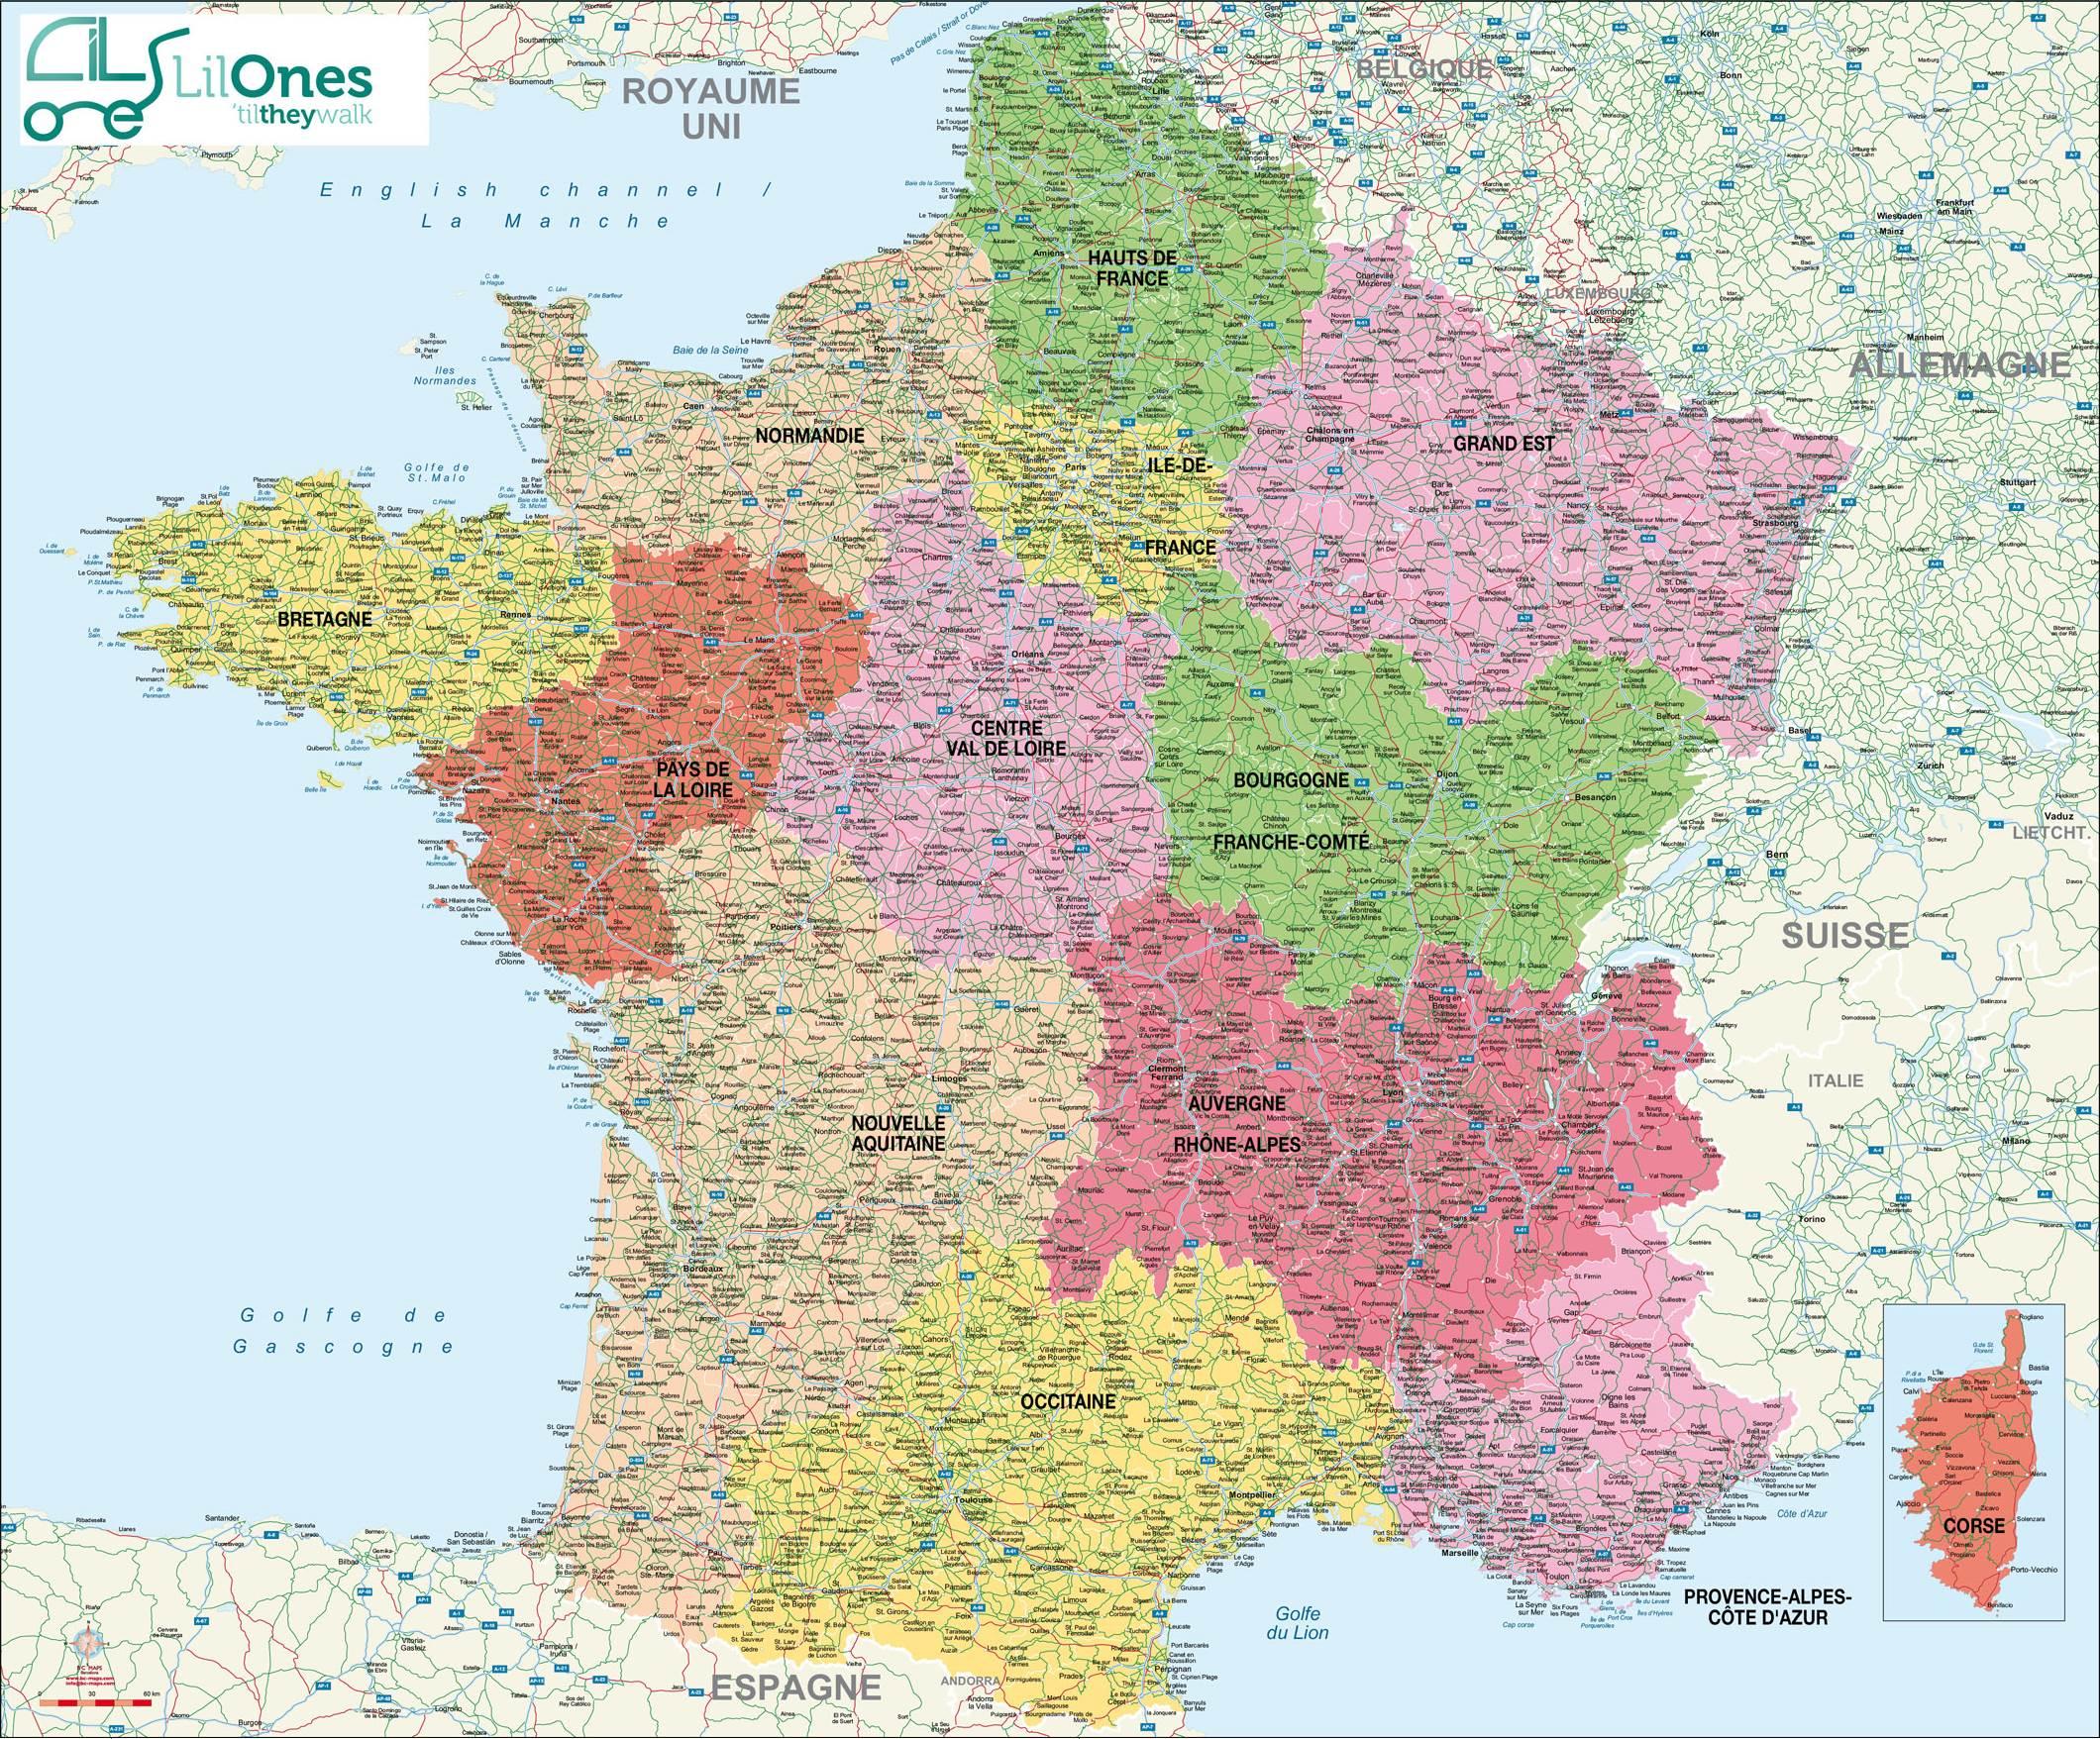 Carte France Villes : Carte Des Villes De France à Carte De France Détaillée Avec Les Villes